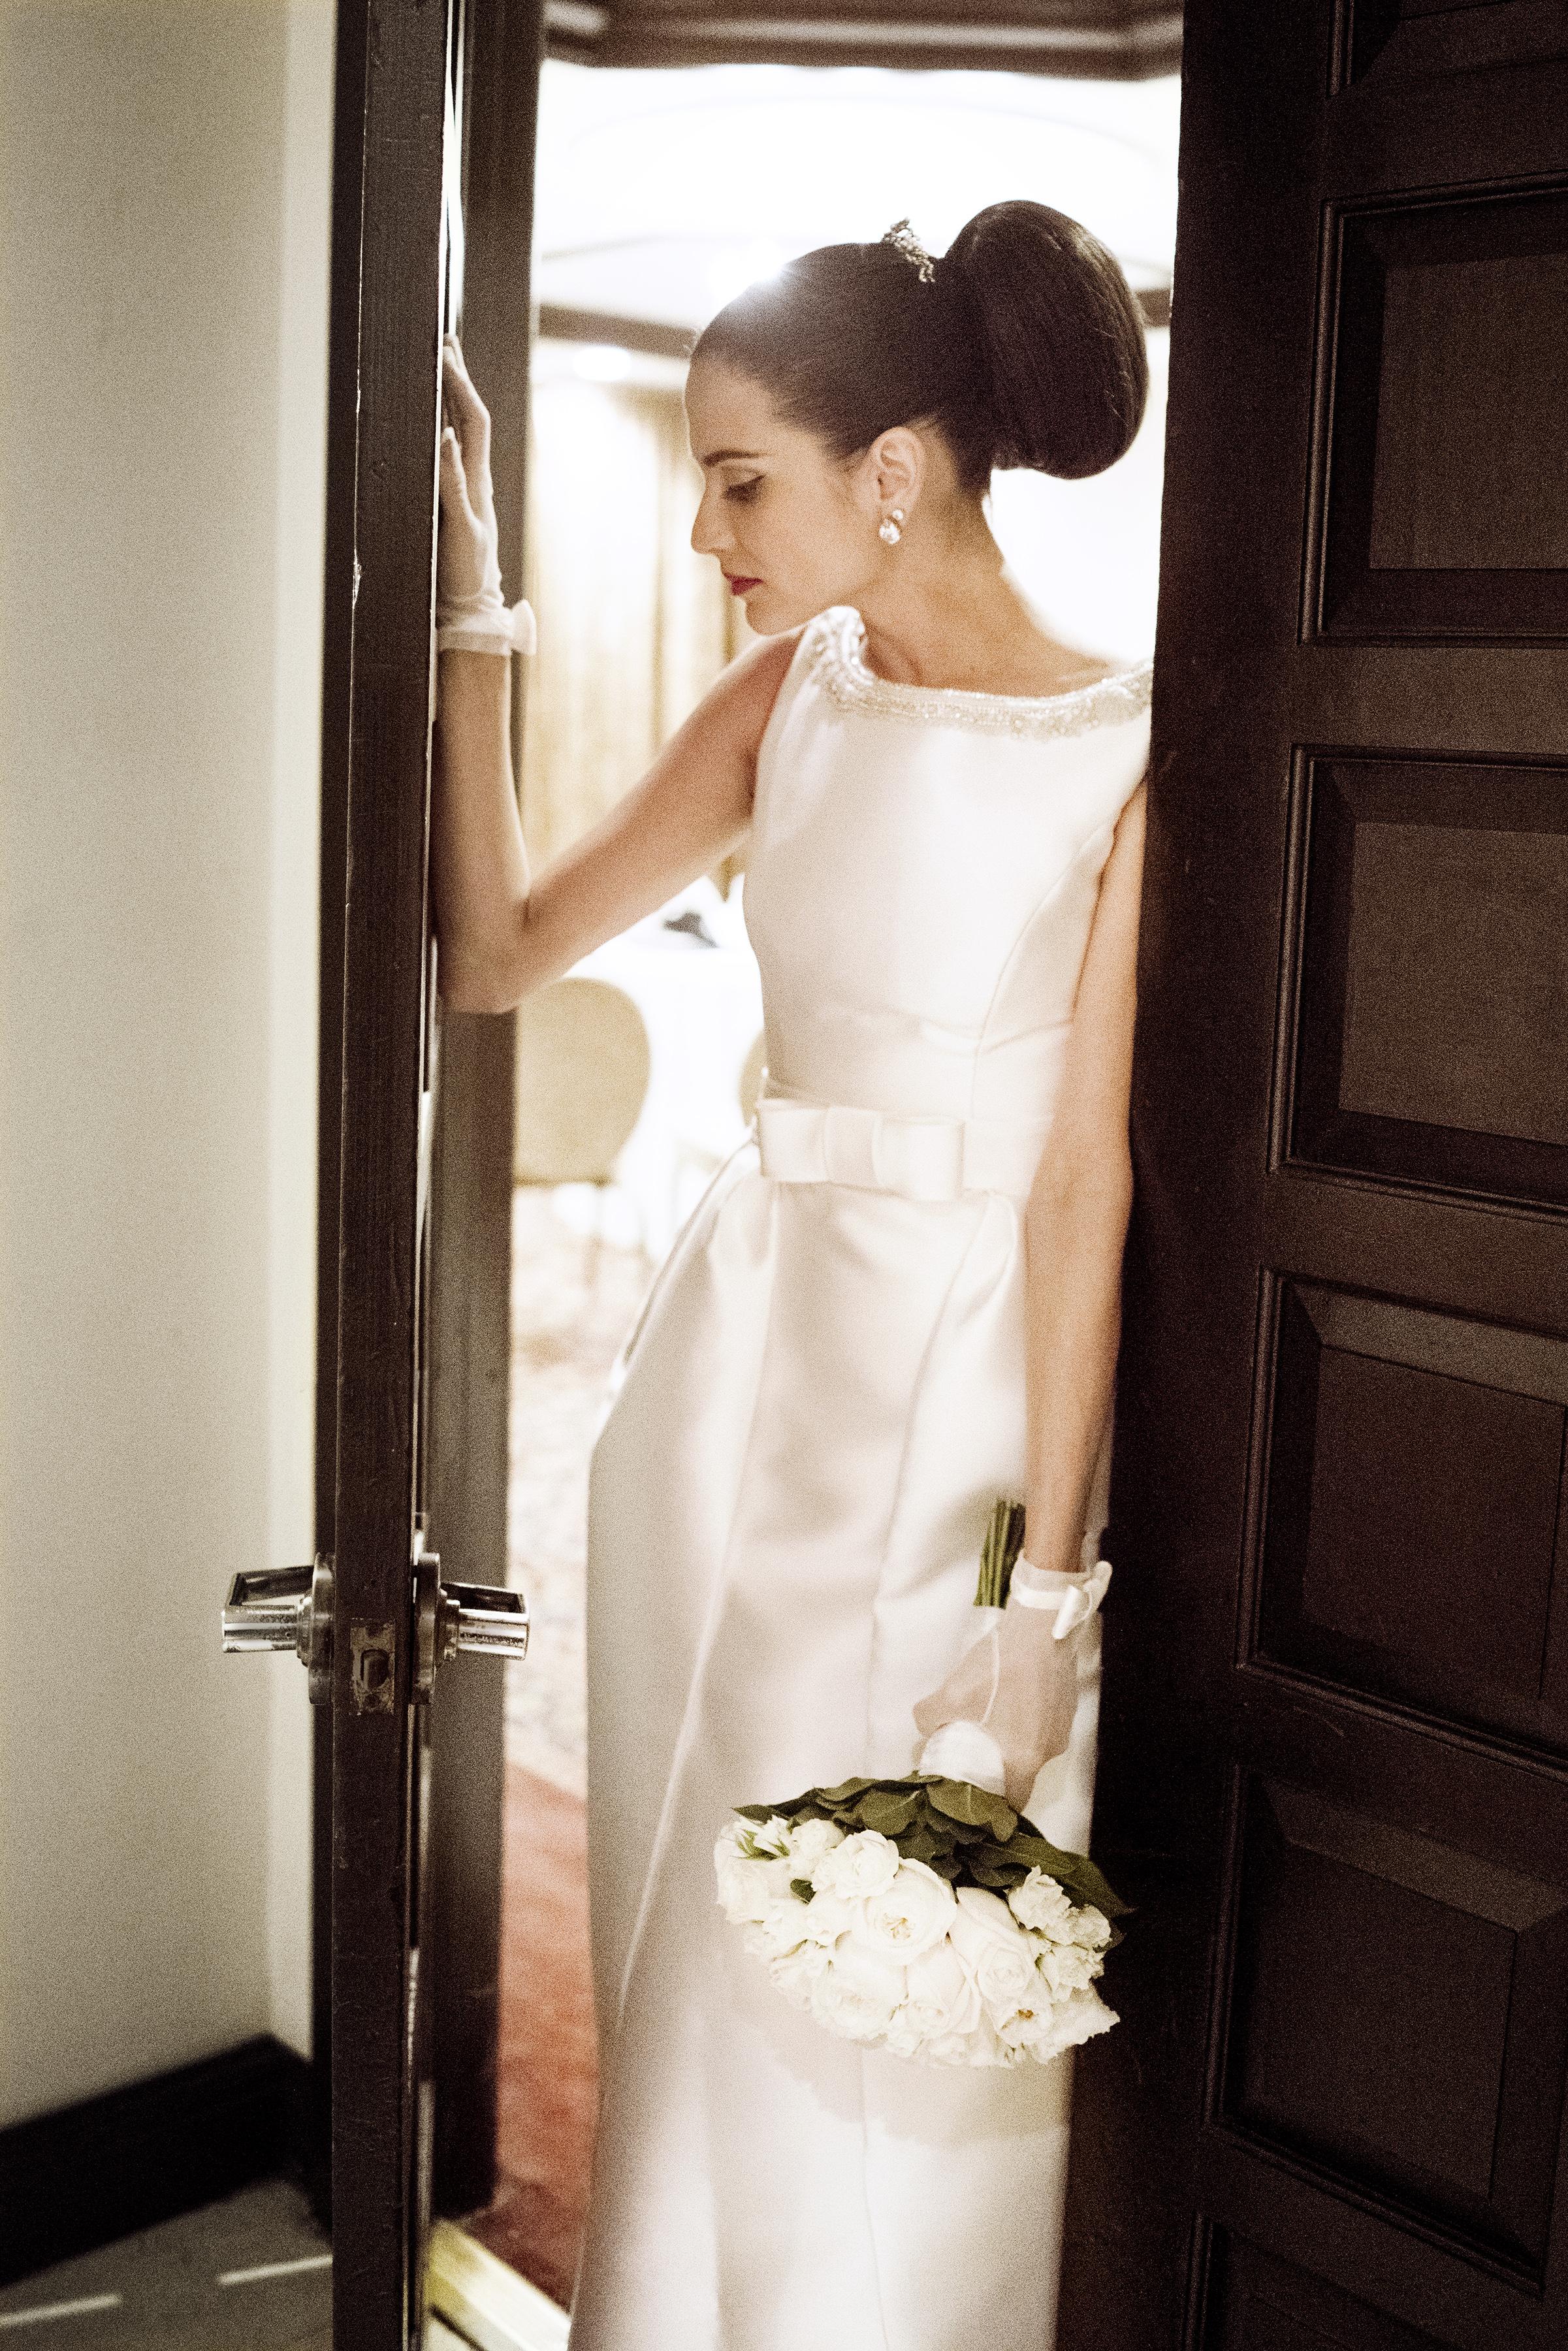 el vestido dela novia pdf